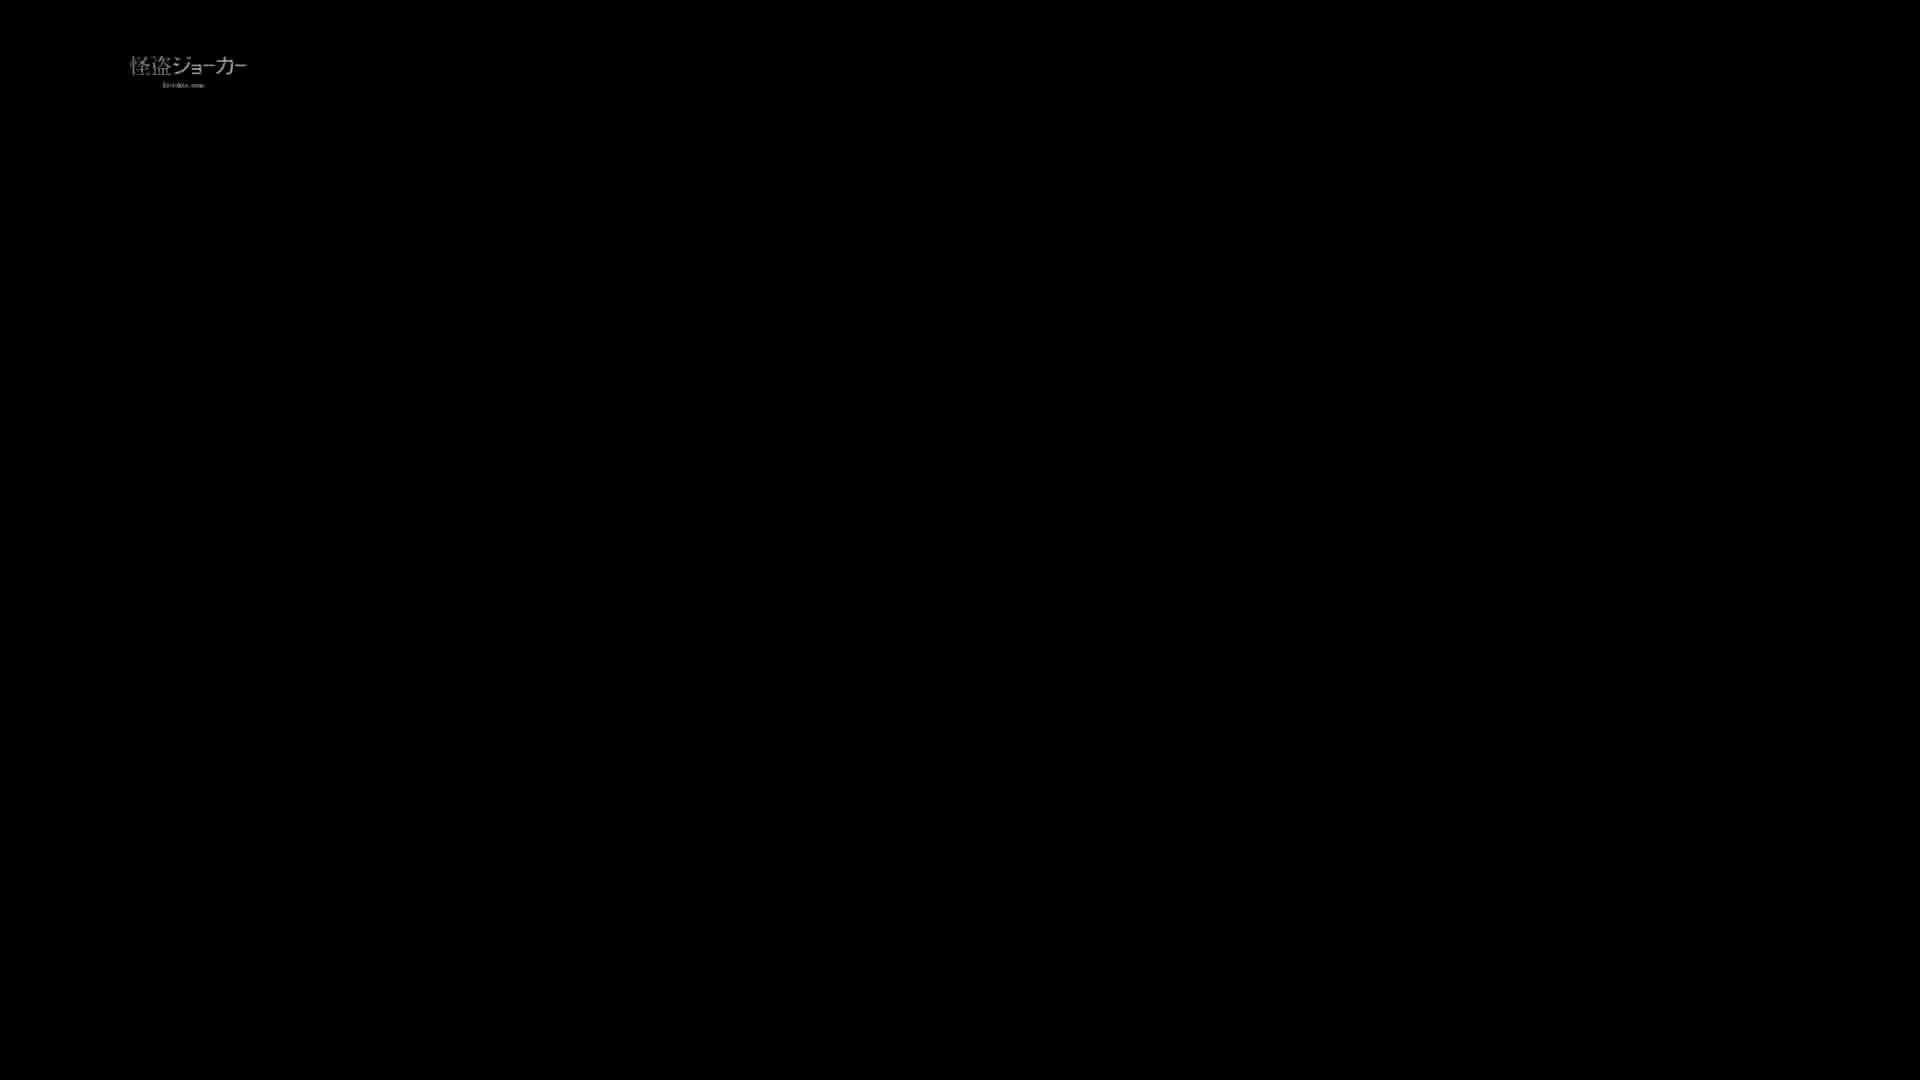 リアルインパクト盗撮~入浴編 Vol.01 美肌 AV無料動画キャプチャ 54PIX 39